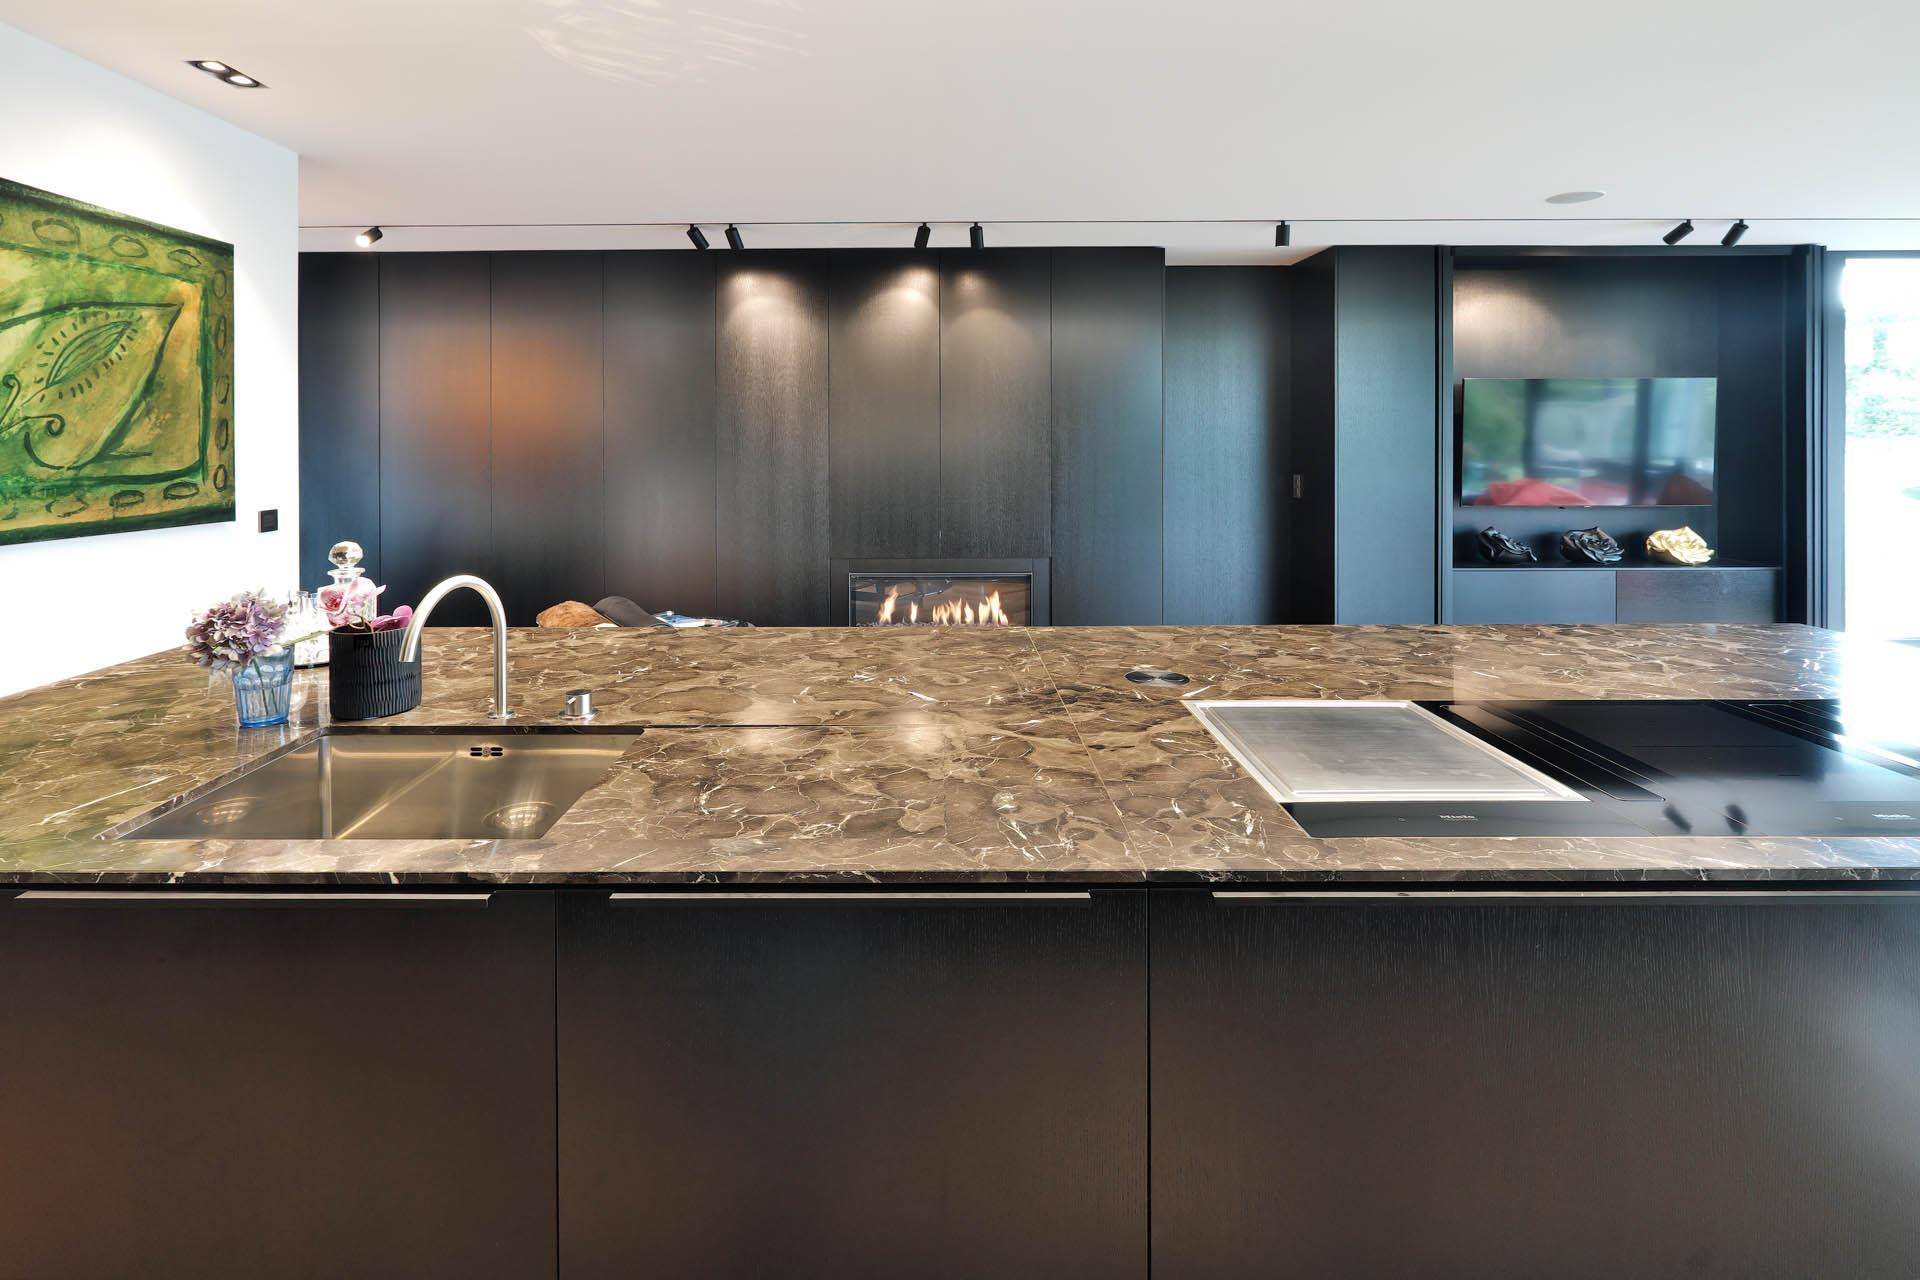 Küchenblock aus exklusivem Naturstein